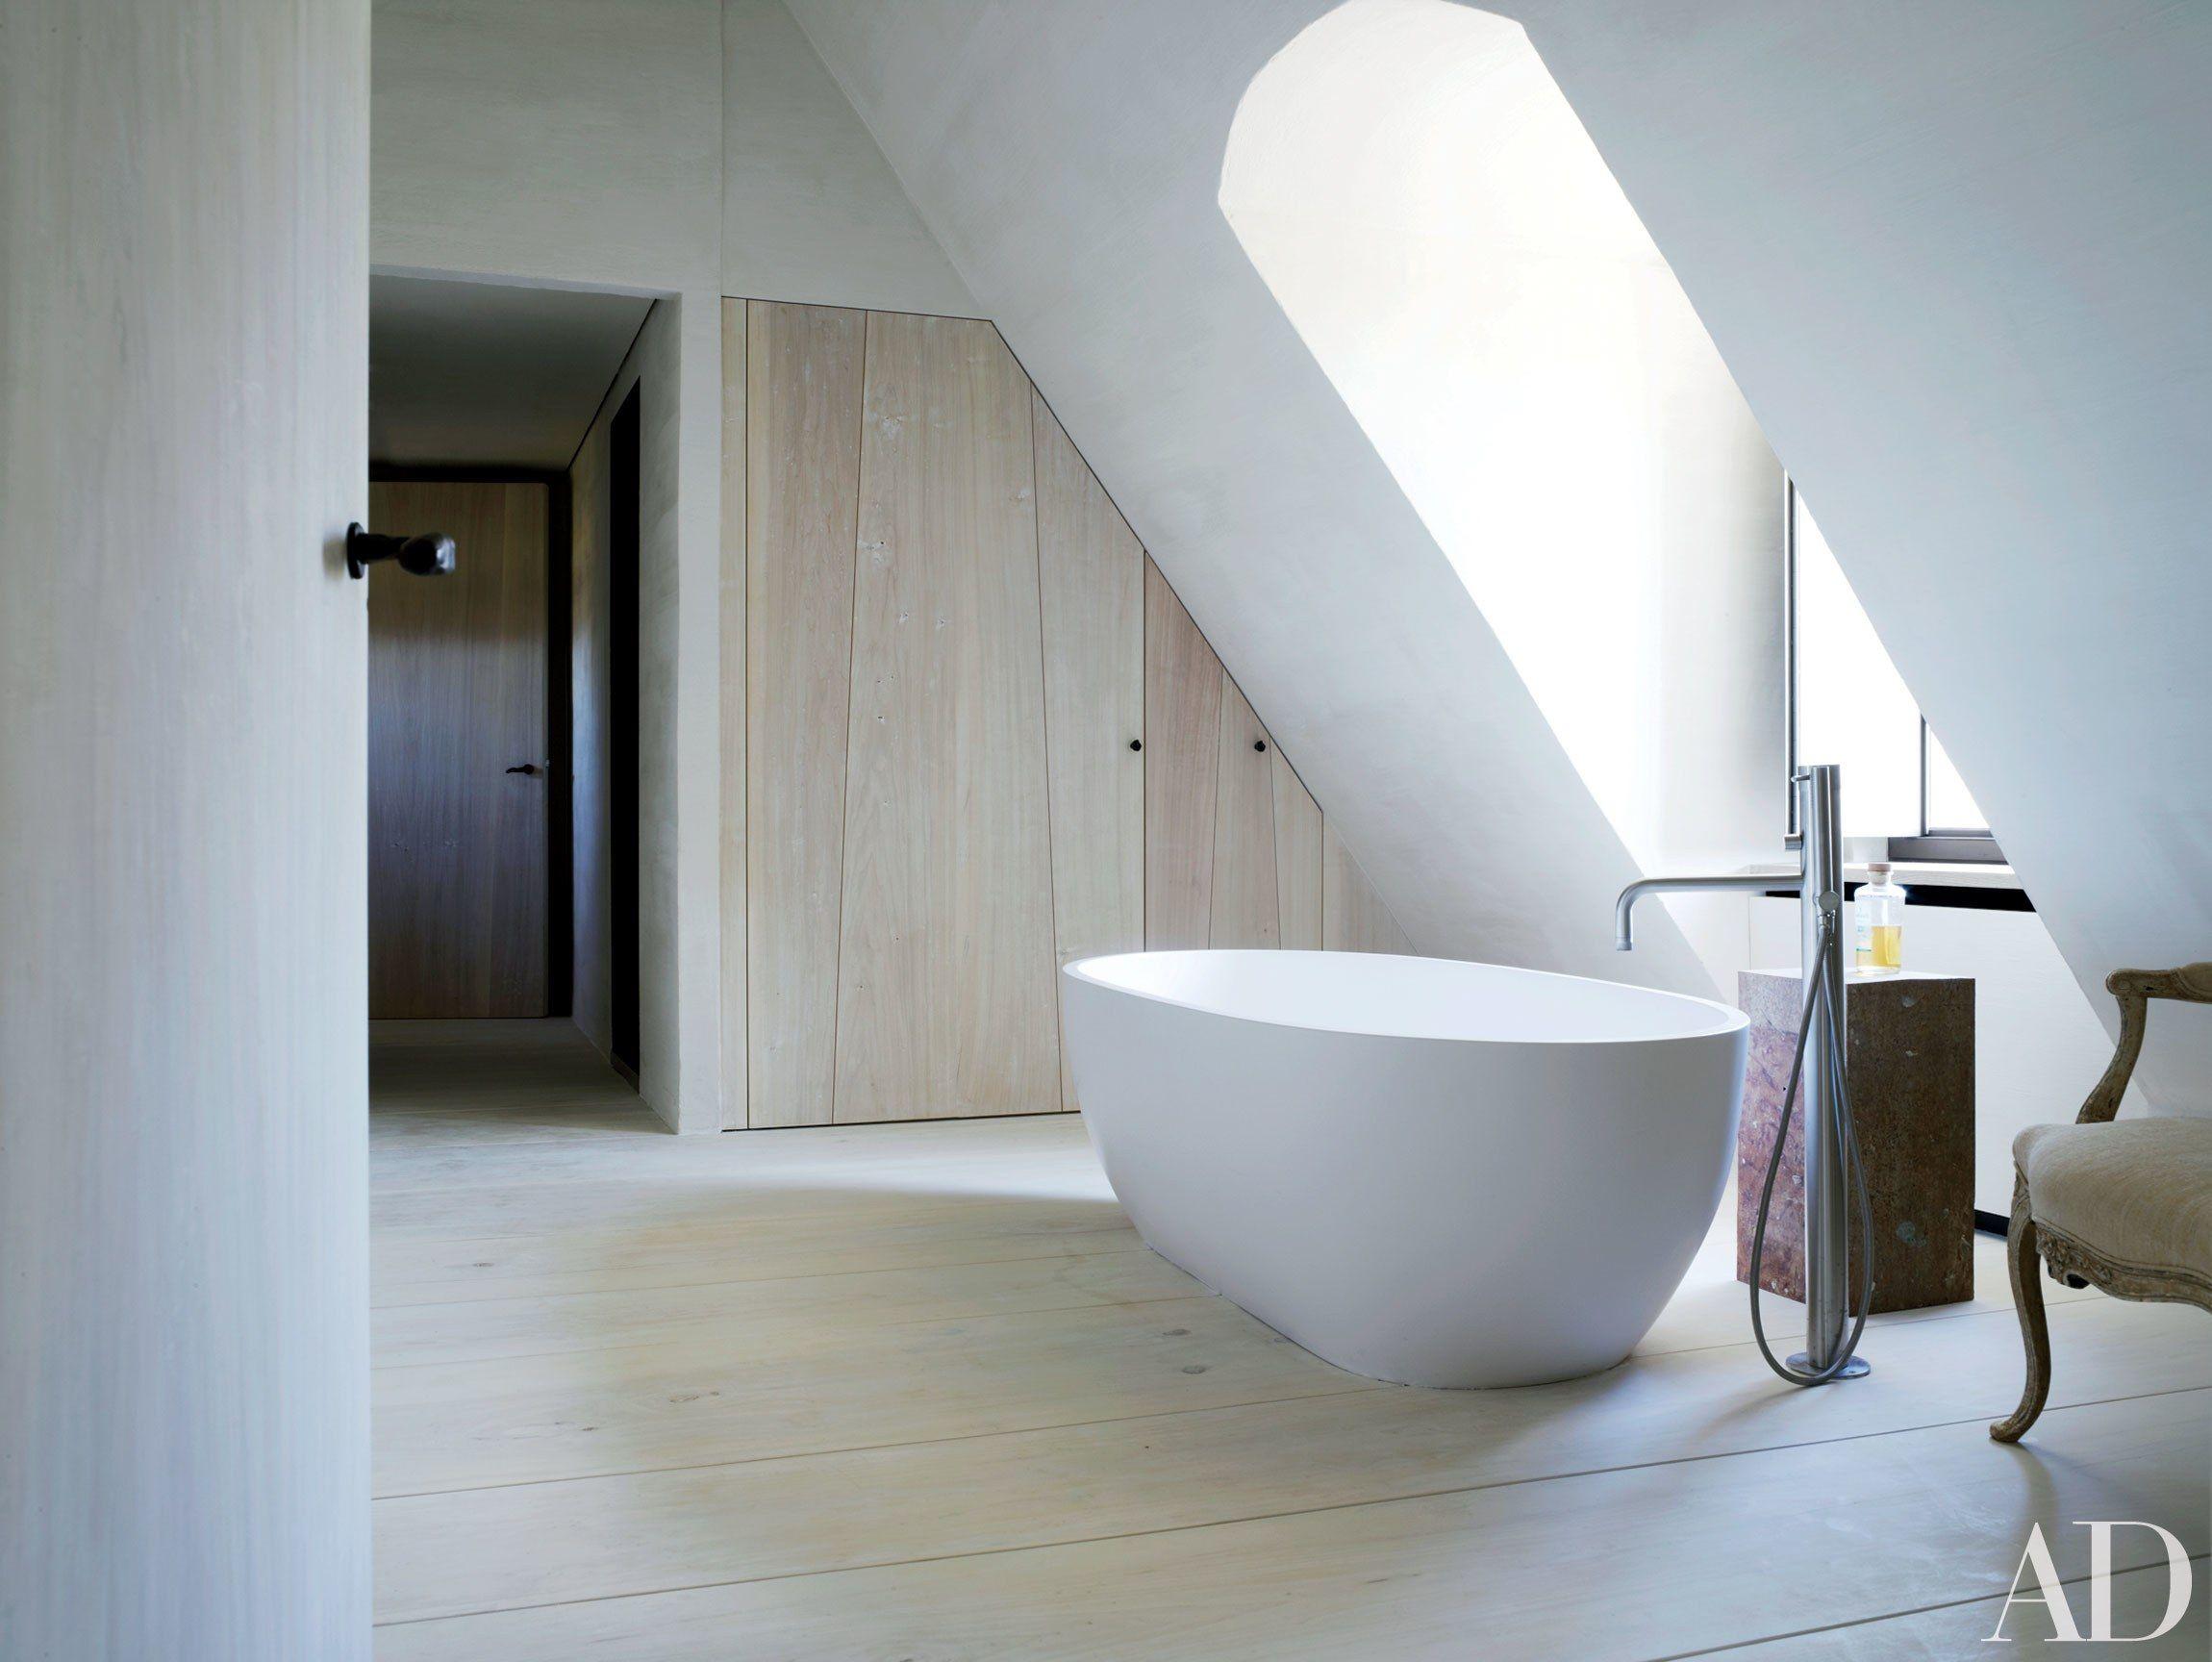 Contemporary condo bath modern bathroom chicago by jill jordan - Contemporary Condo Bath Modern Bathroom Chicago By Jill Jordan 43